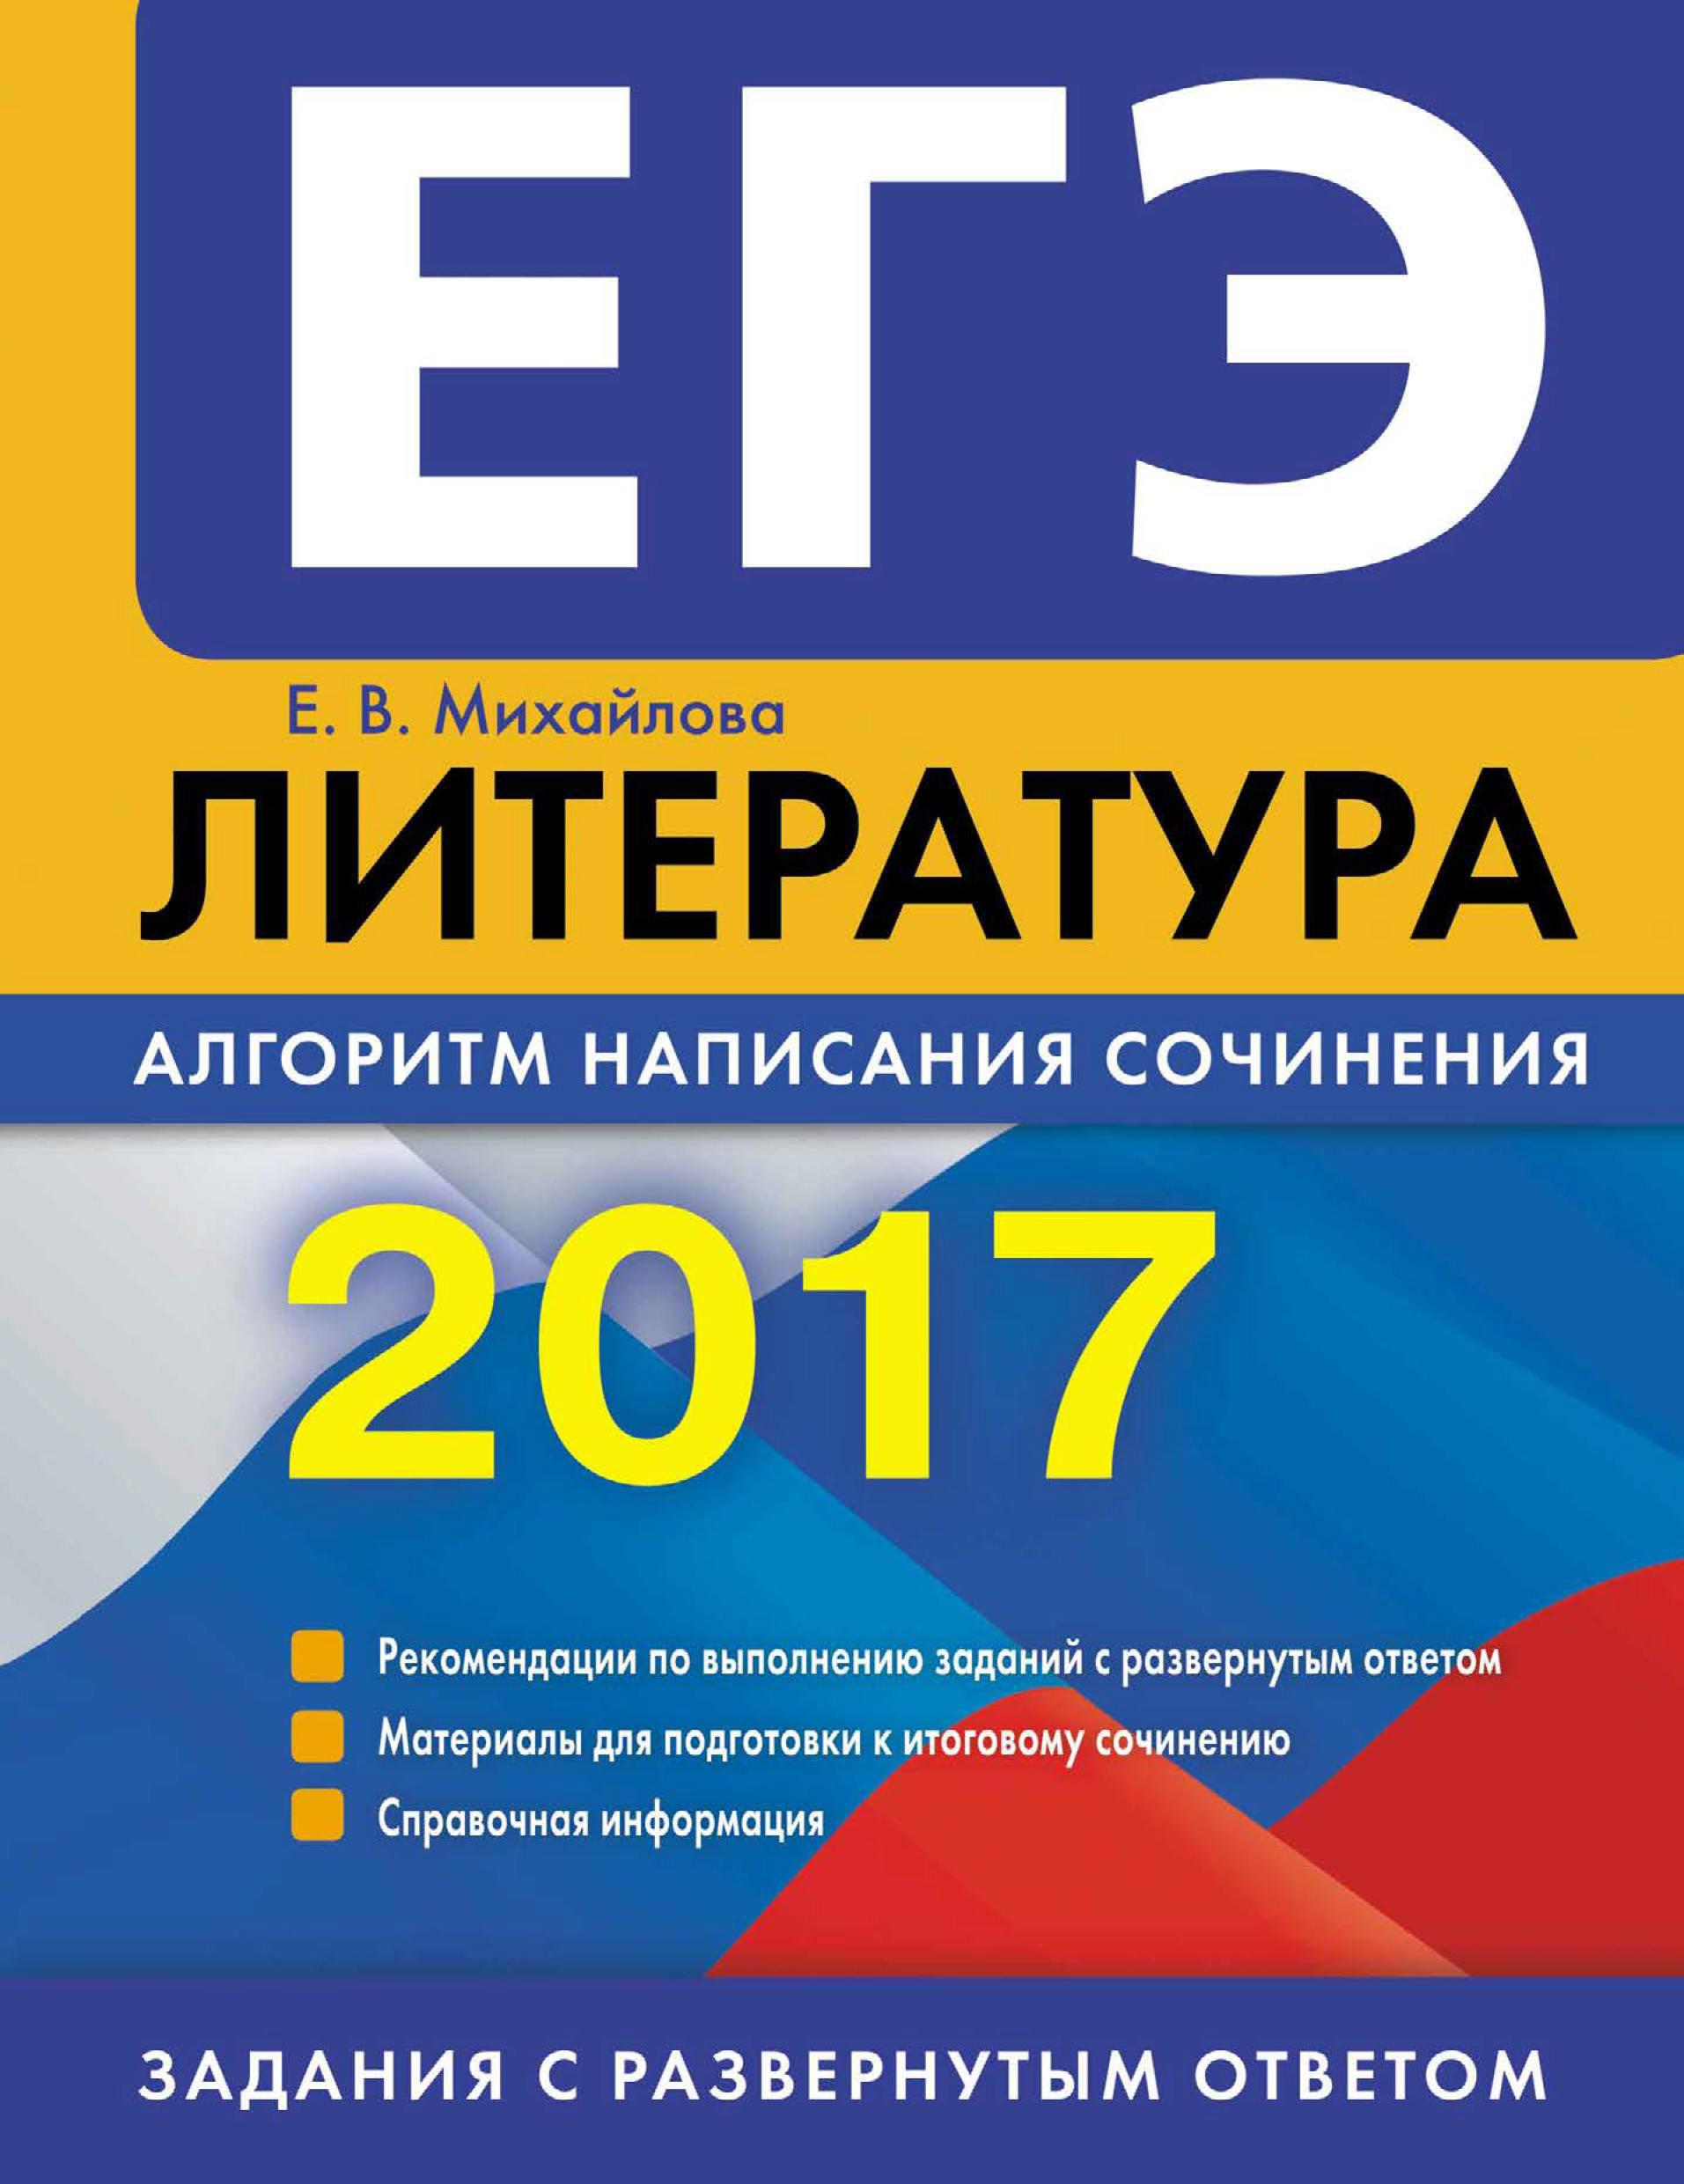 Е. В. Михайлова ЕГЭ-2017. Литература. Алгоритм написания сочинения цена